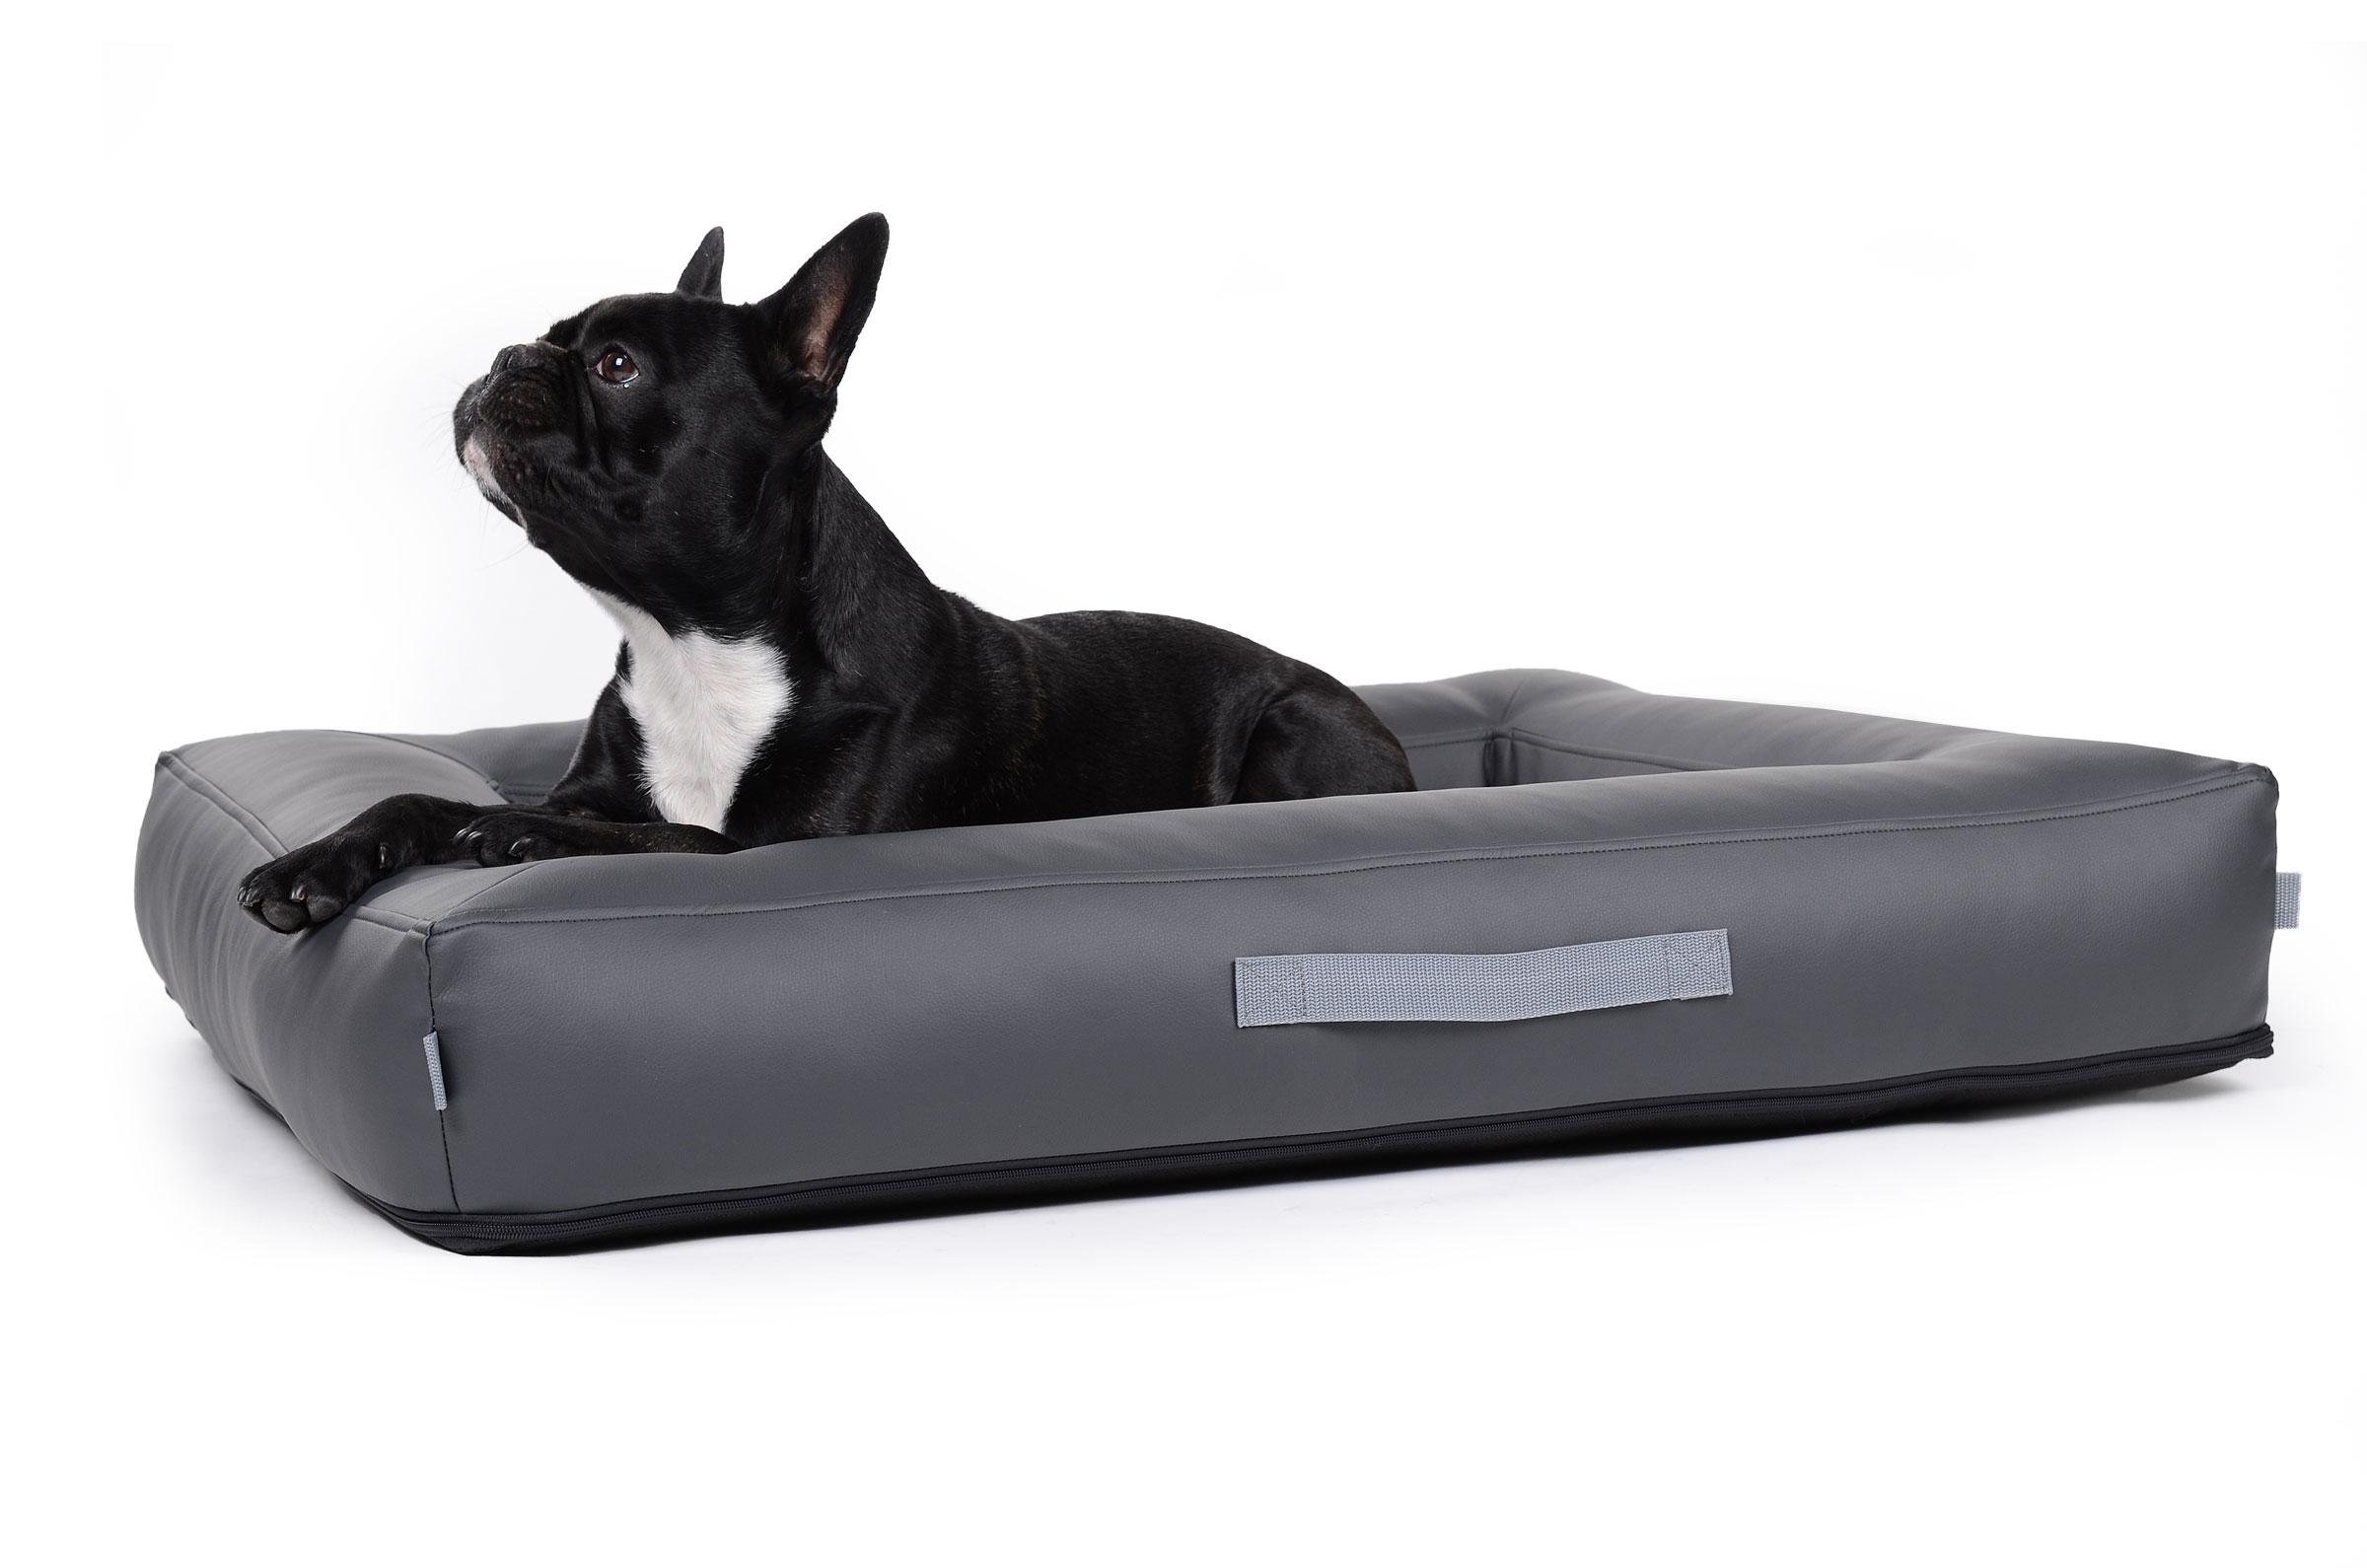 hundebett aus schmutzresistentem kunstleder mypado. Black Bedroom Furniture Sets. Home Design Ideas